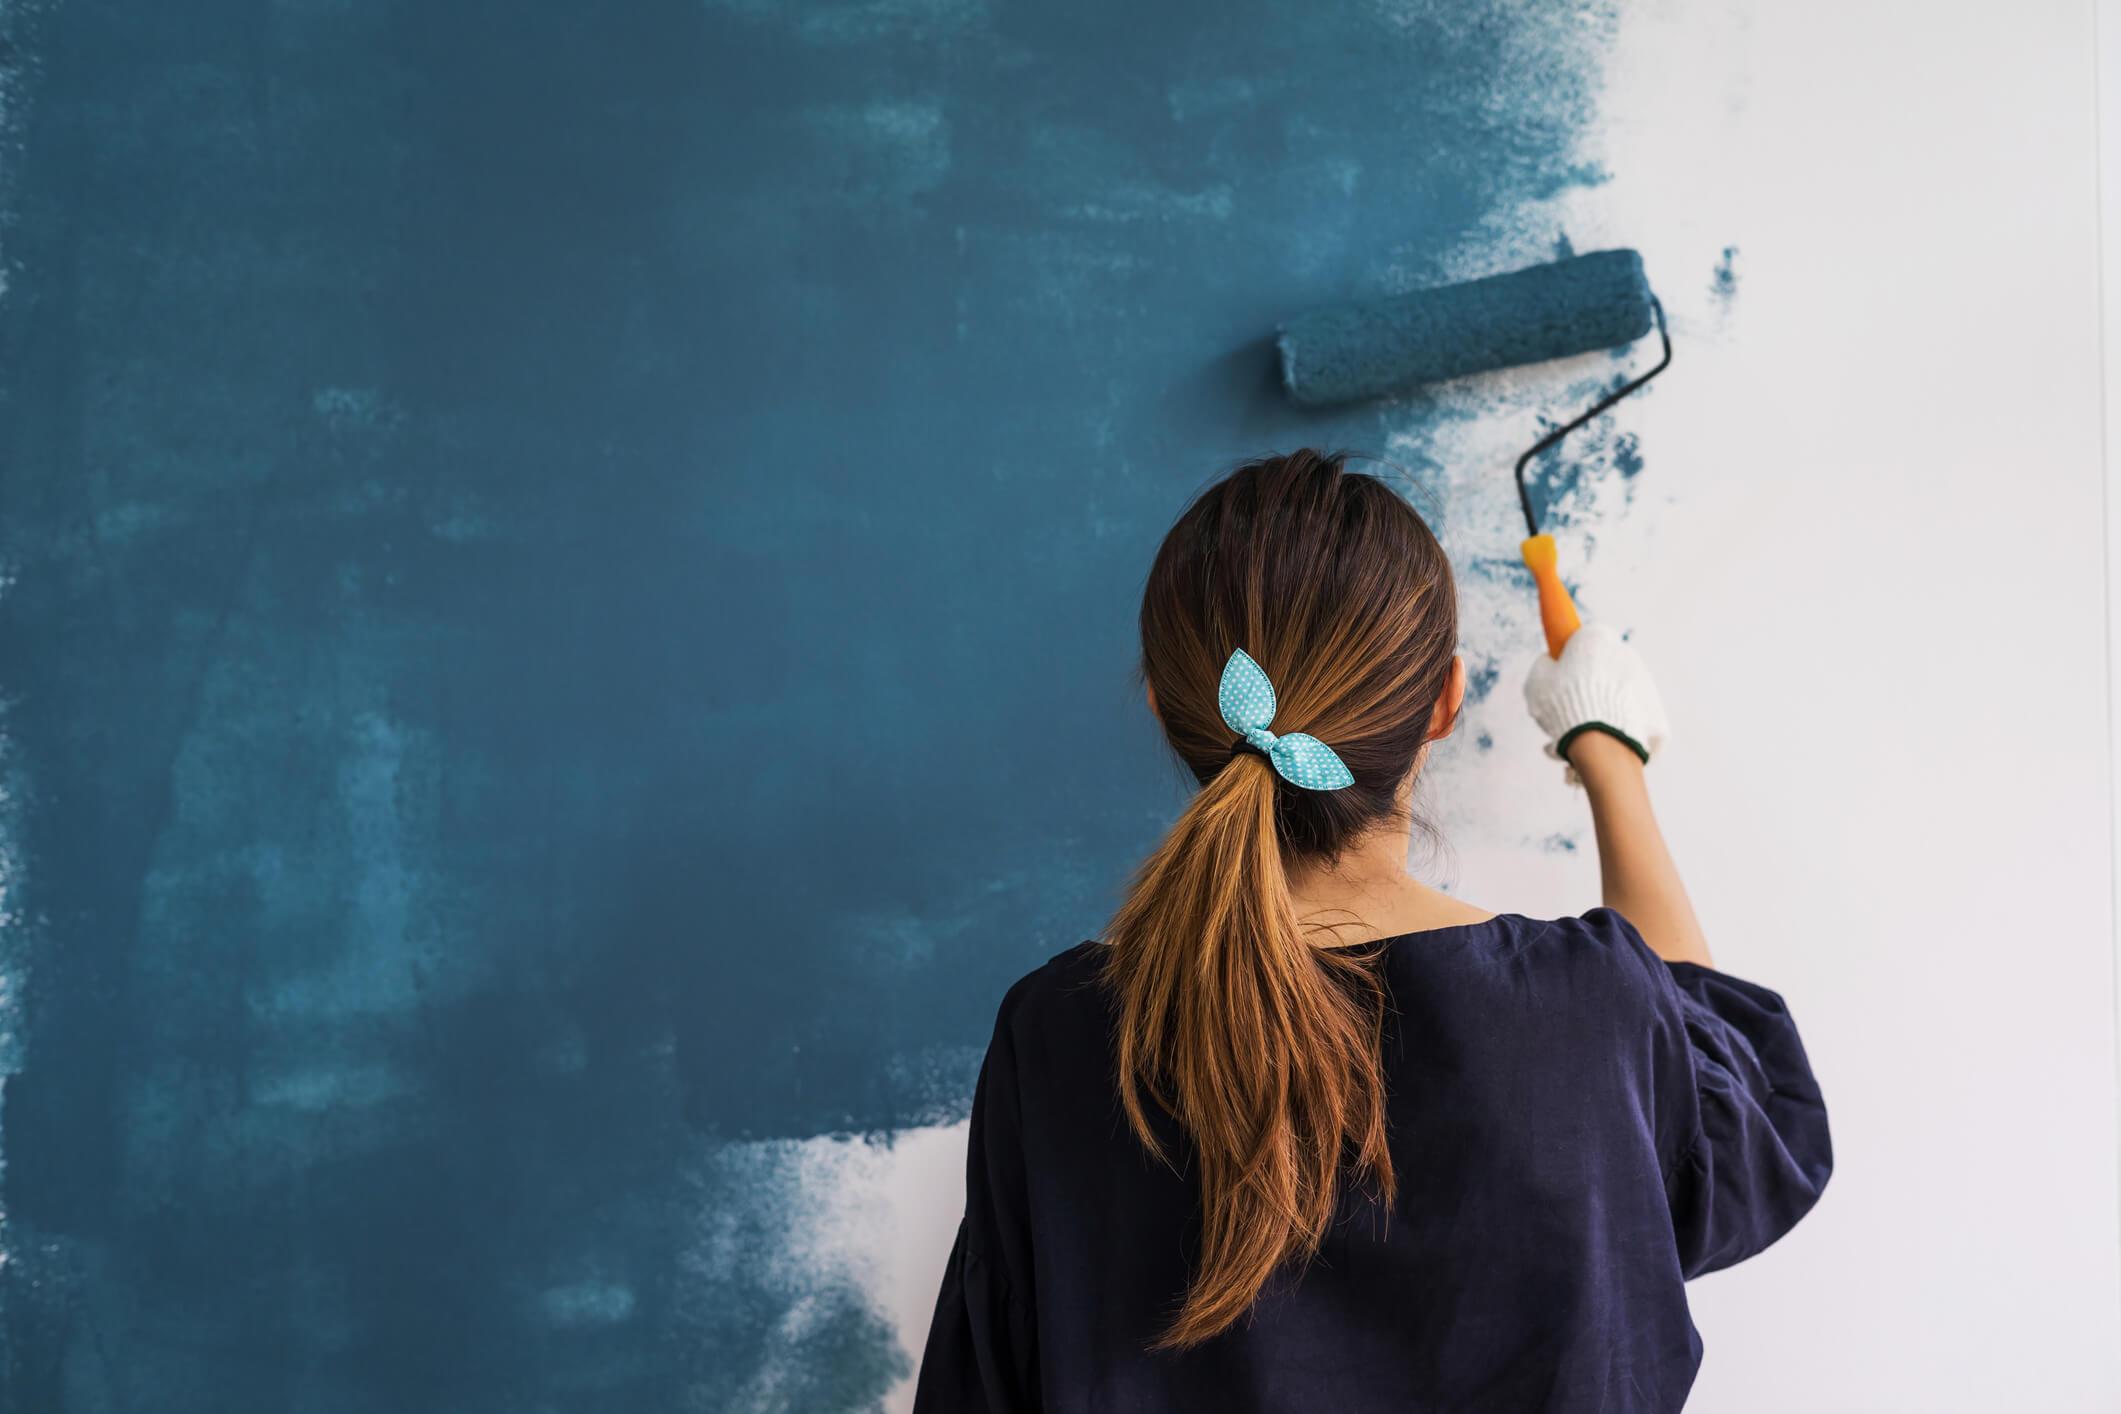 Une femme de dos fait de la peinture chez elle